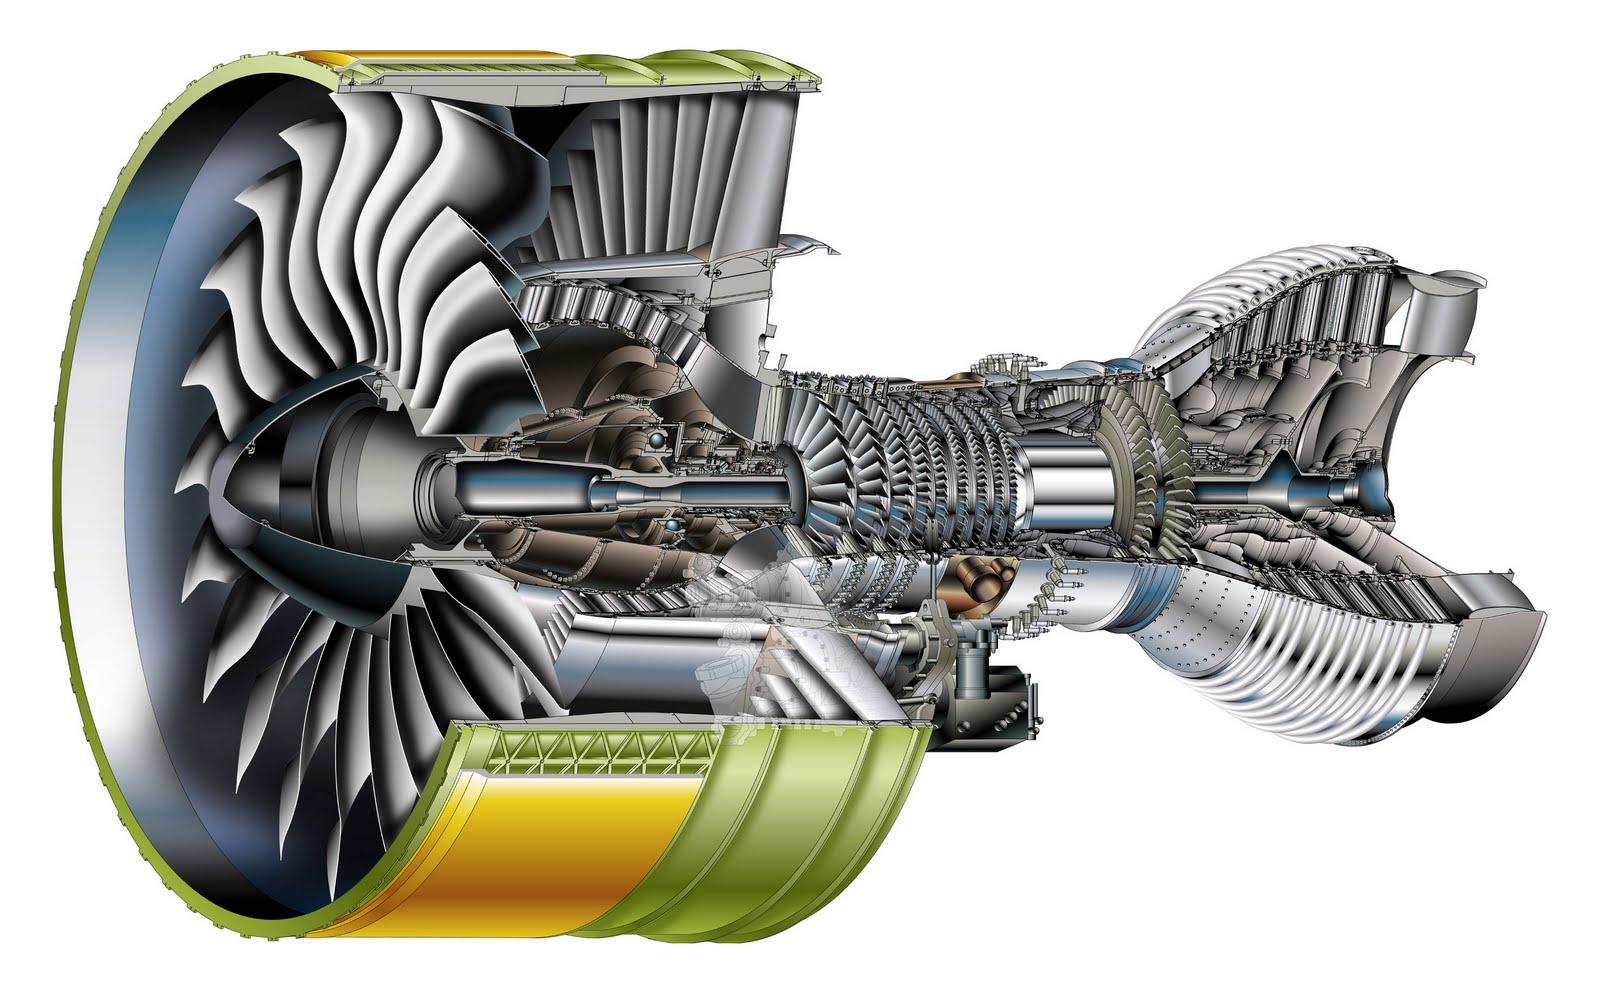 jet engine turbine and - photo #1